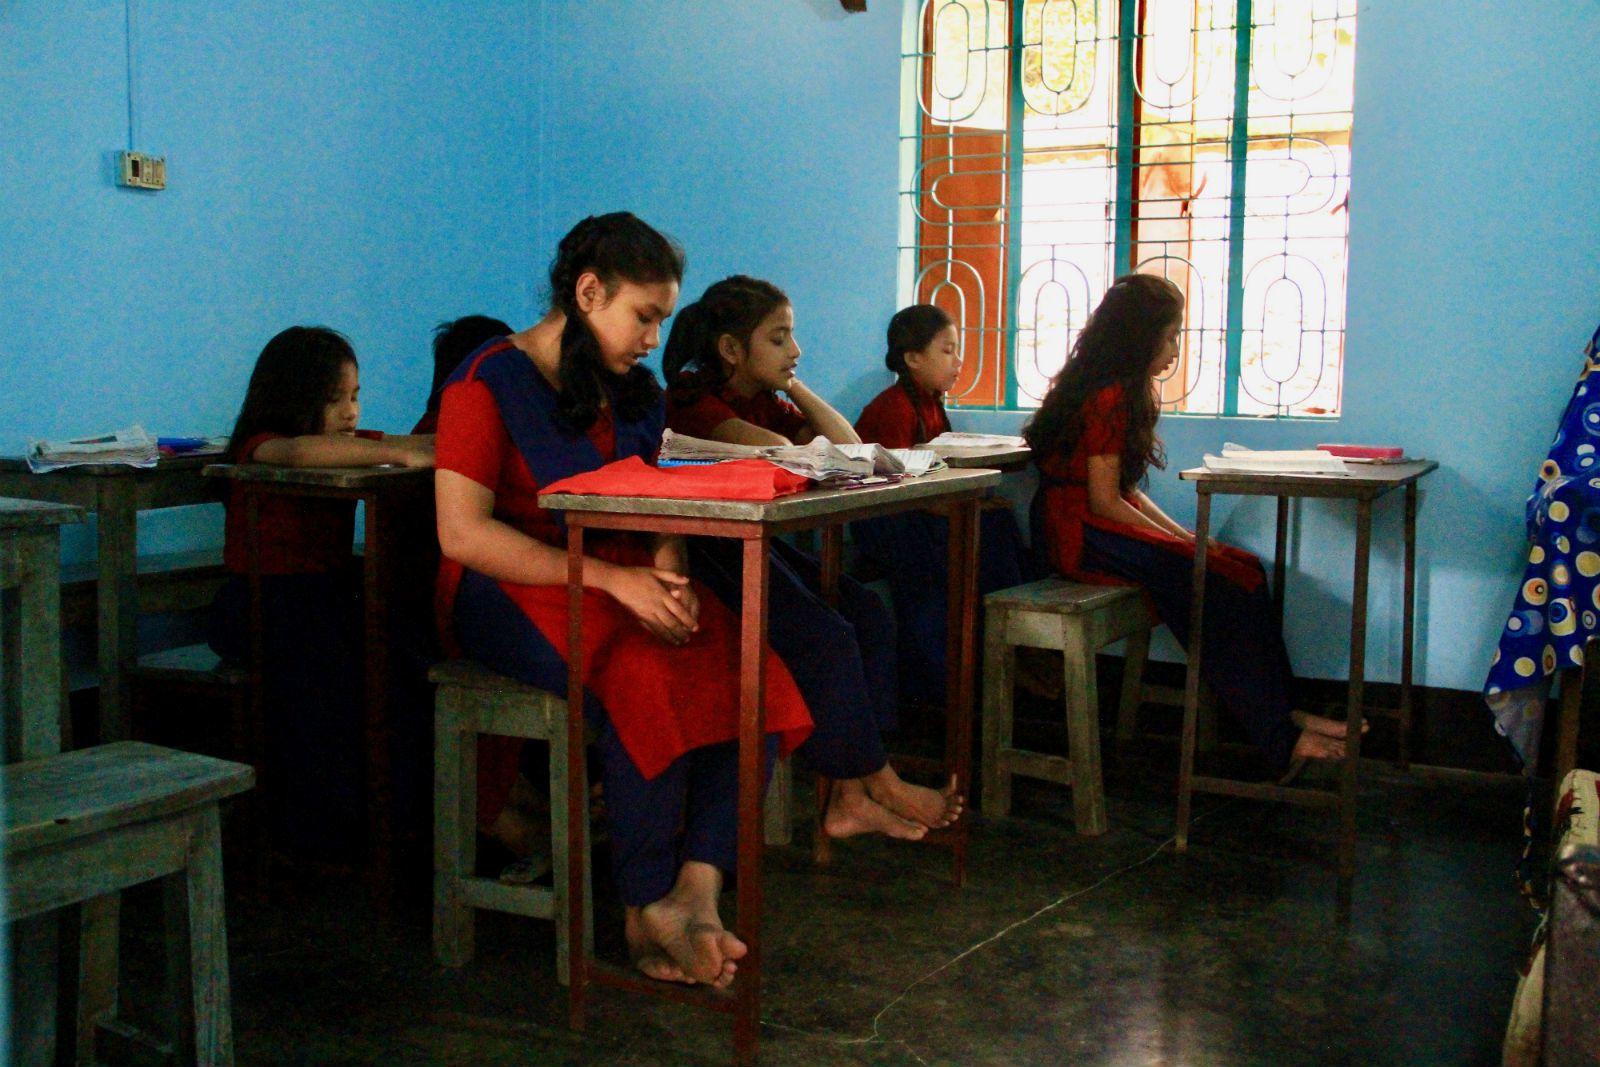 Besplatno stranica za upoznavanja dhaka